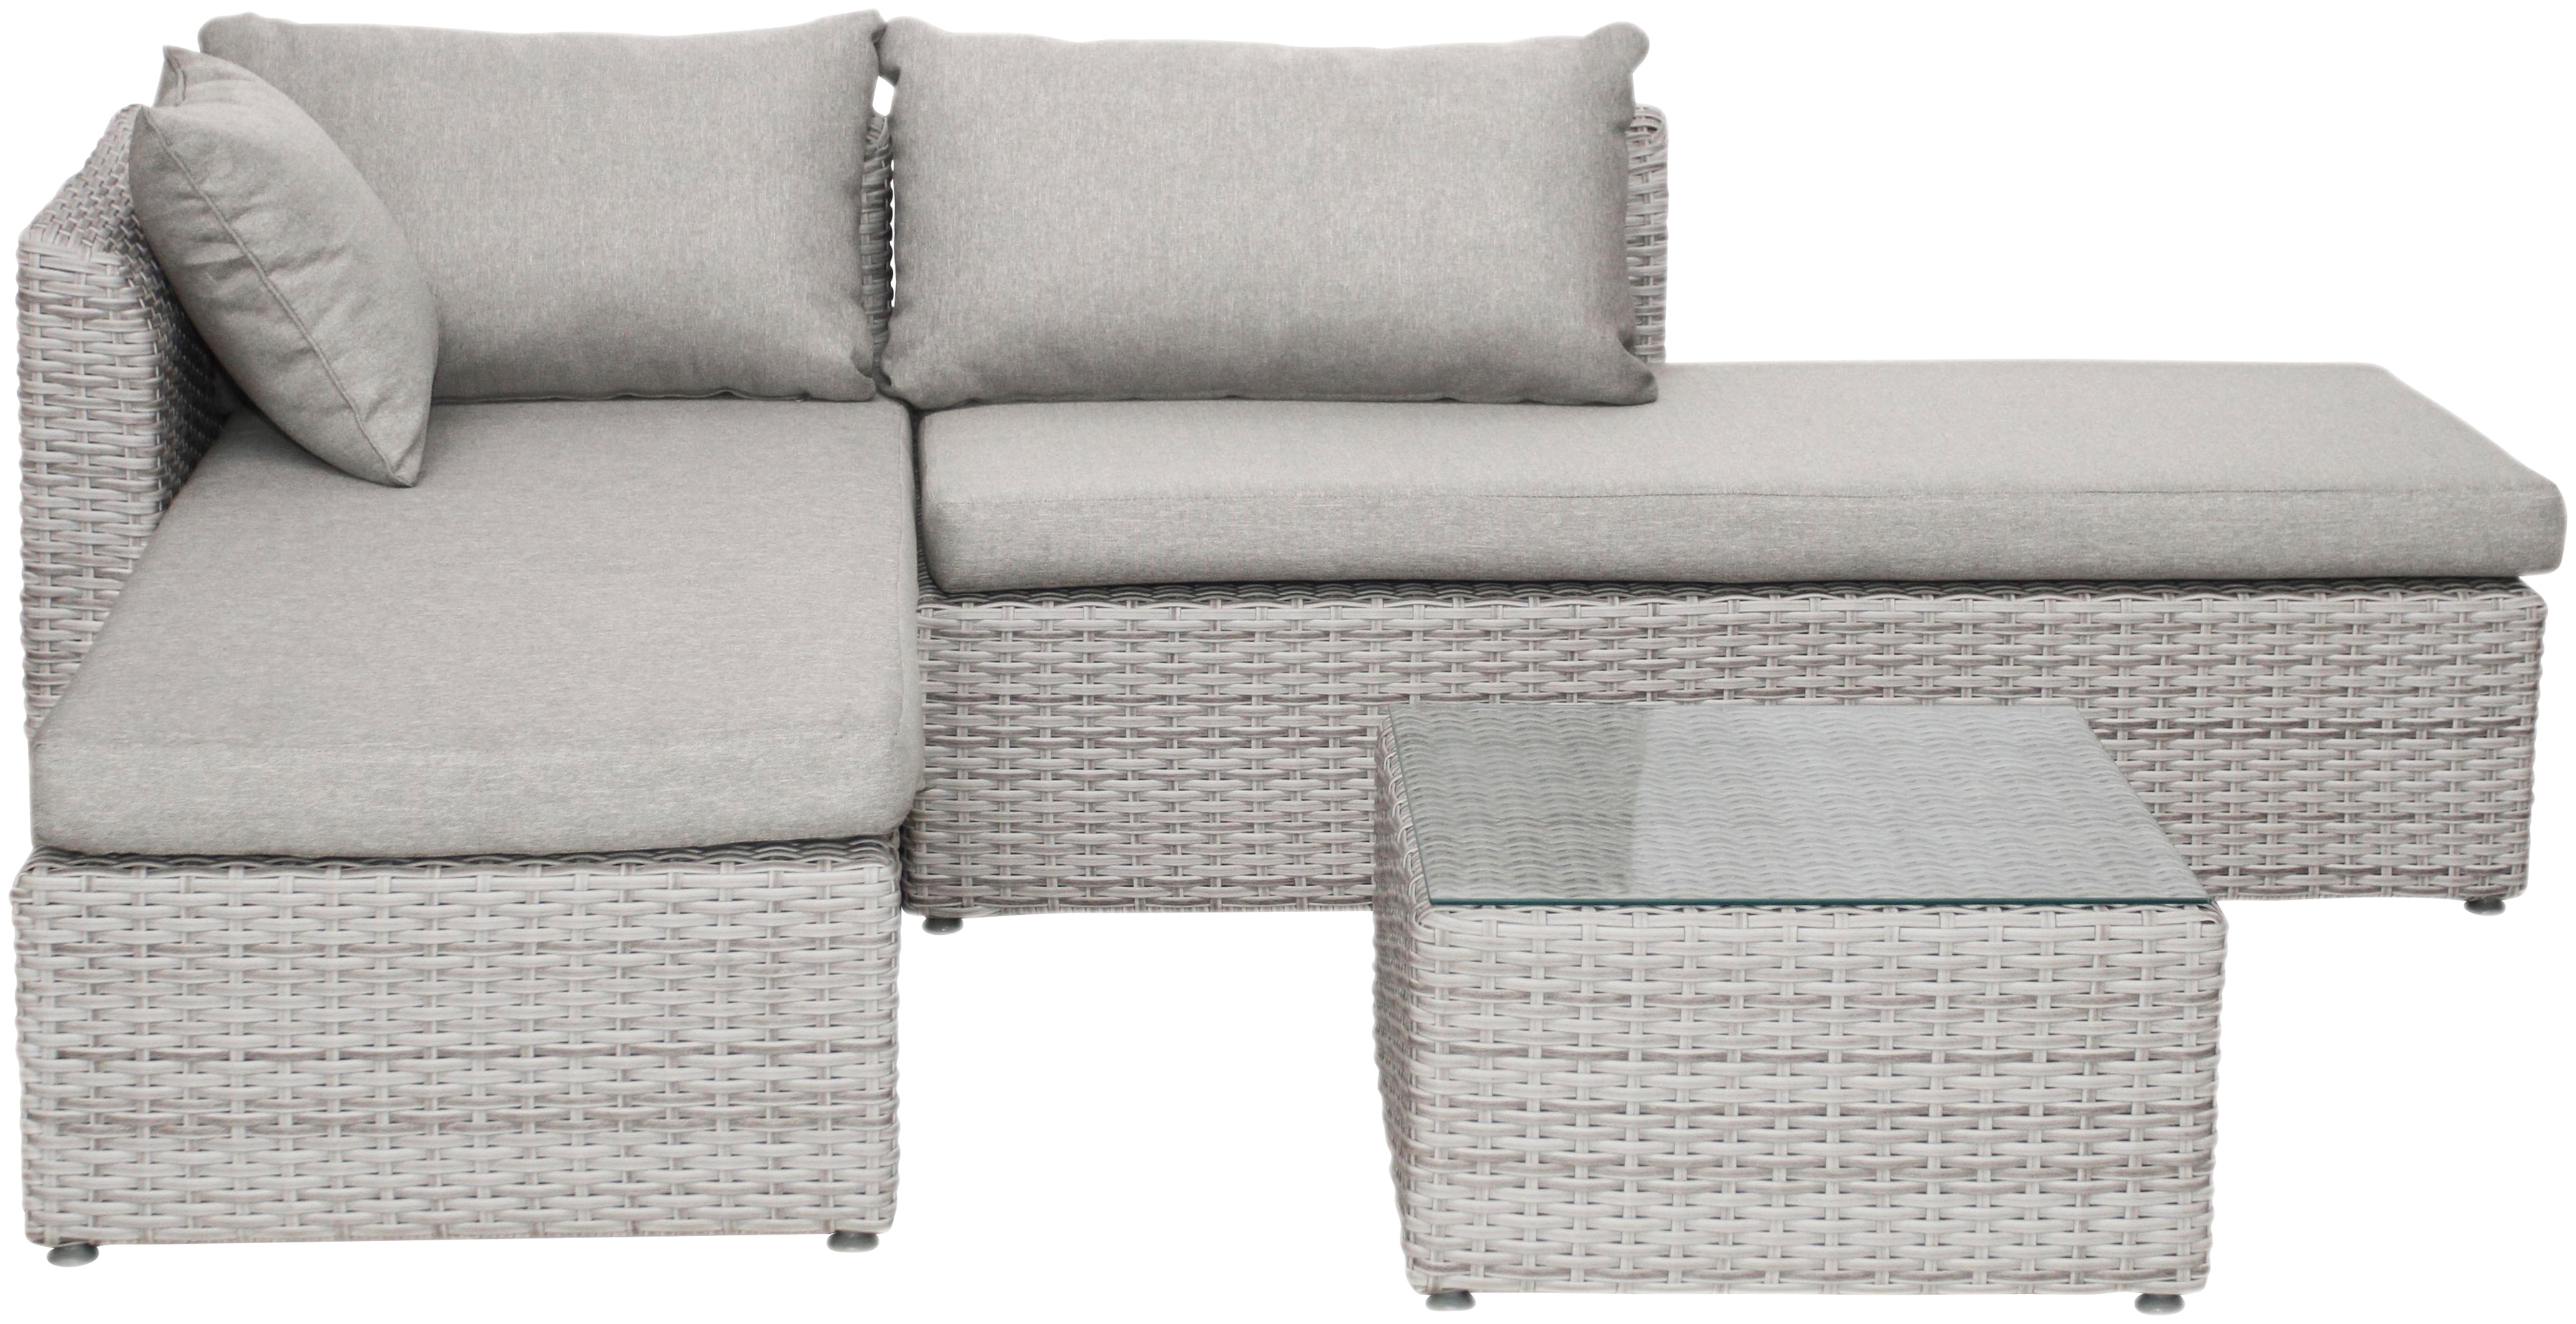 BELLASOLE Loungeset, 8 Tlg., Ecklounge, Tisch 60x60 Cm, Polyrattan,  Cremeweiß